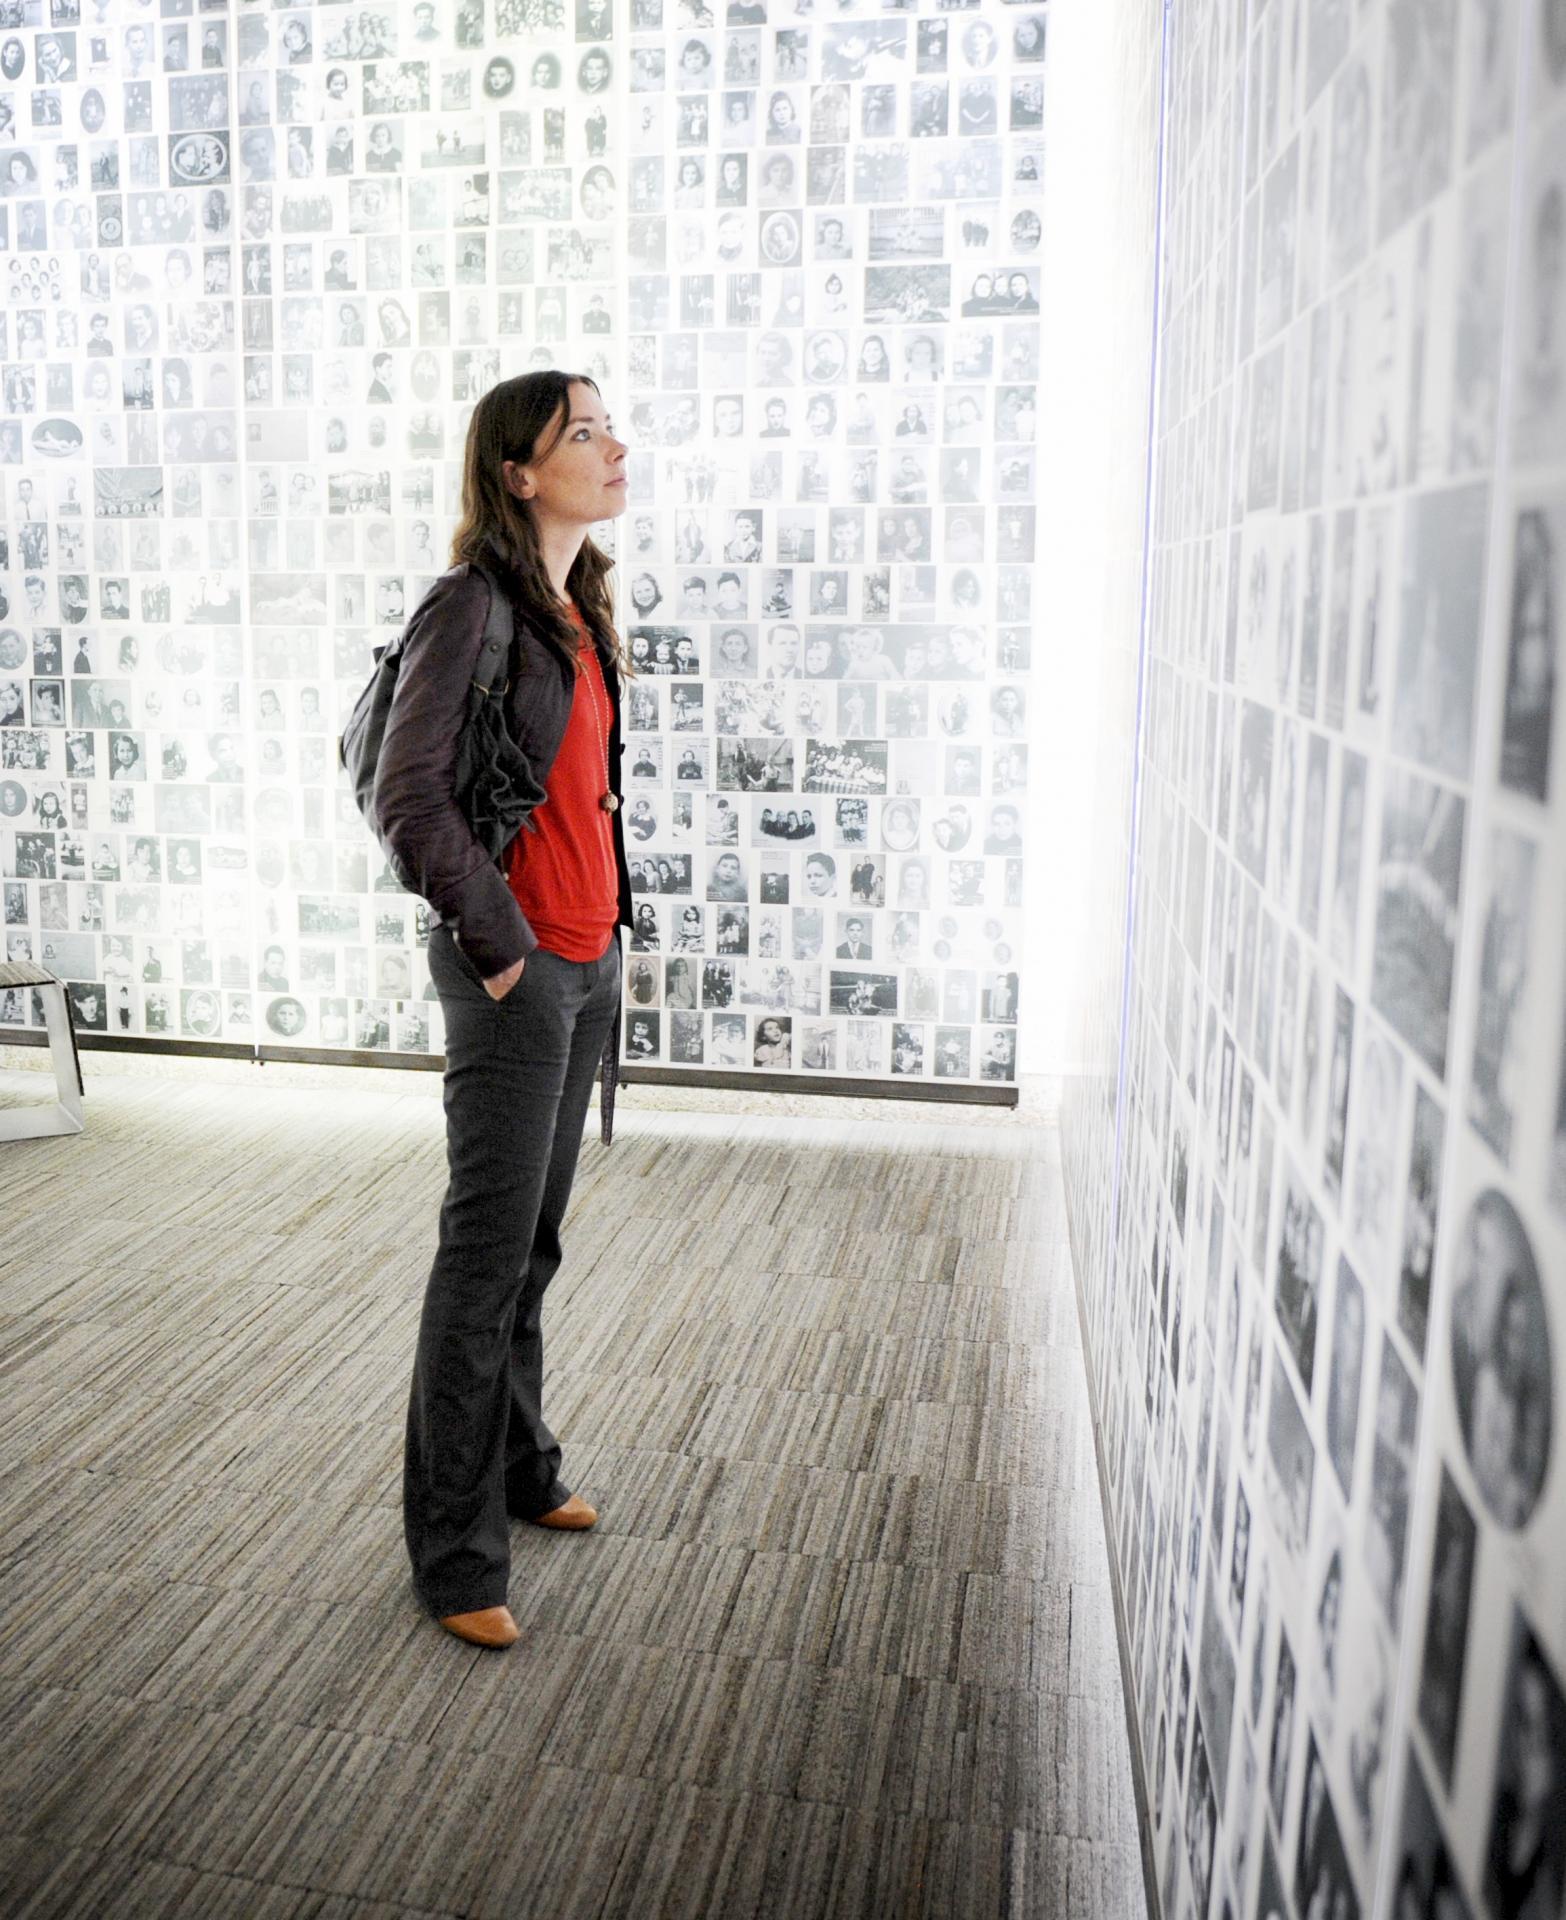 Vue pour vous, une expo inédite sur le marché de l'art sous l'Occupation